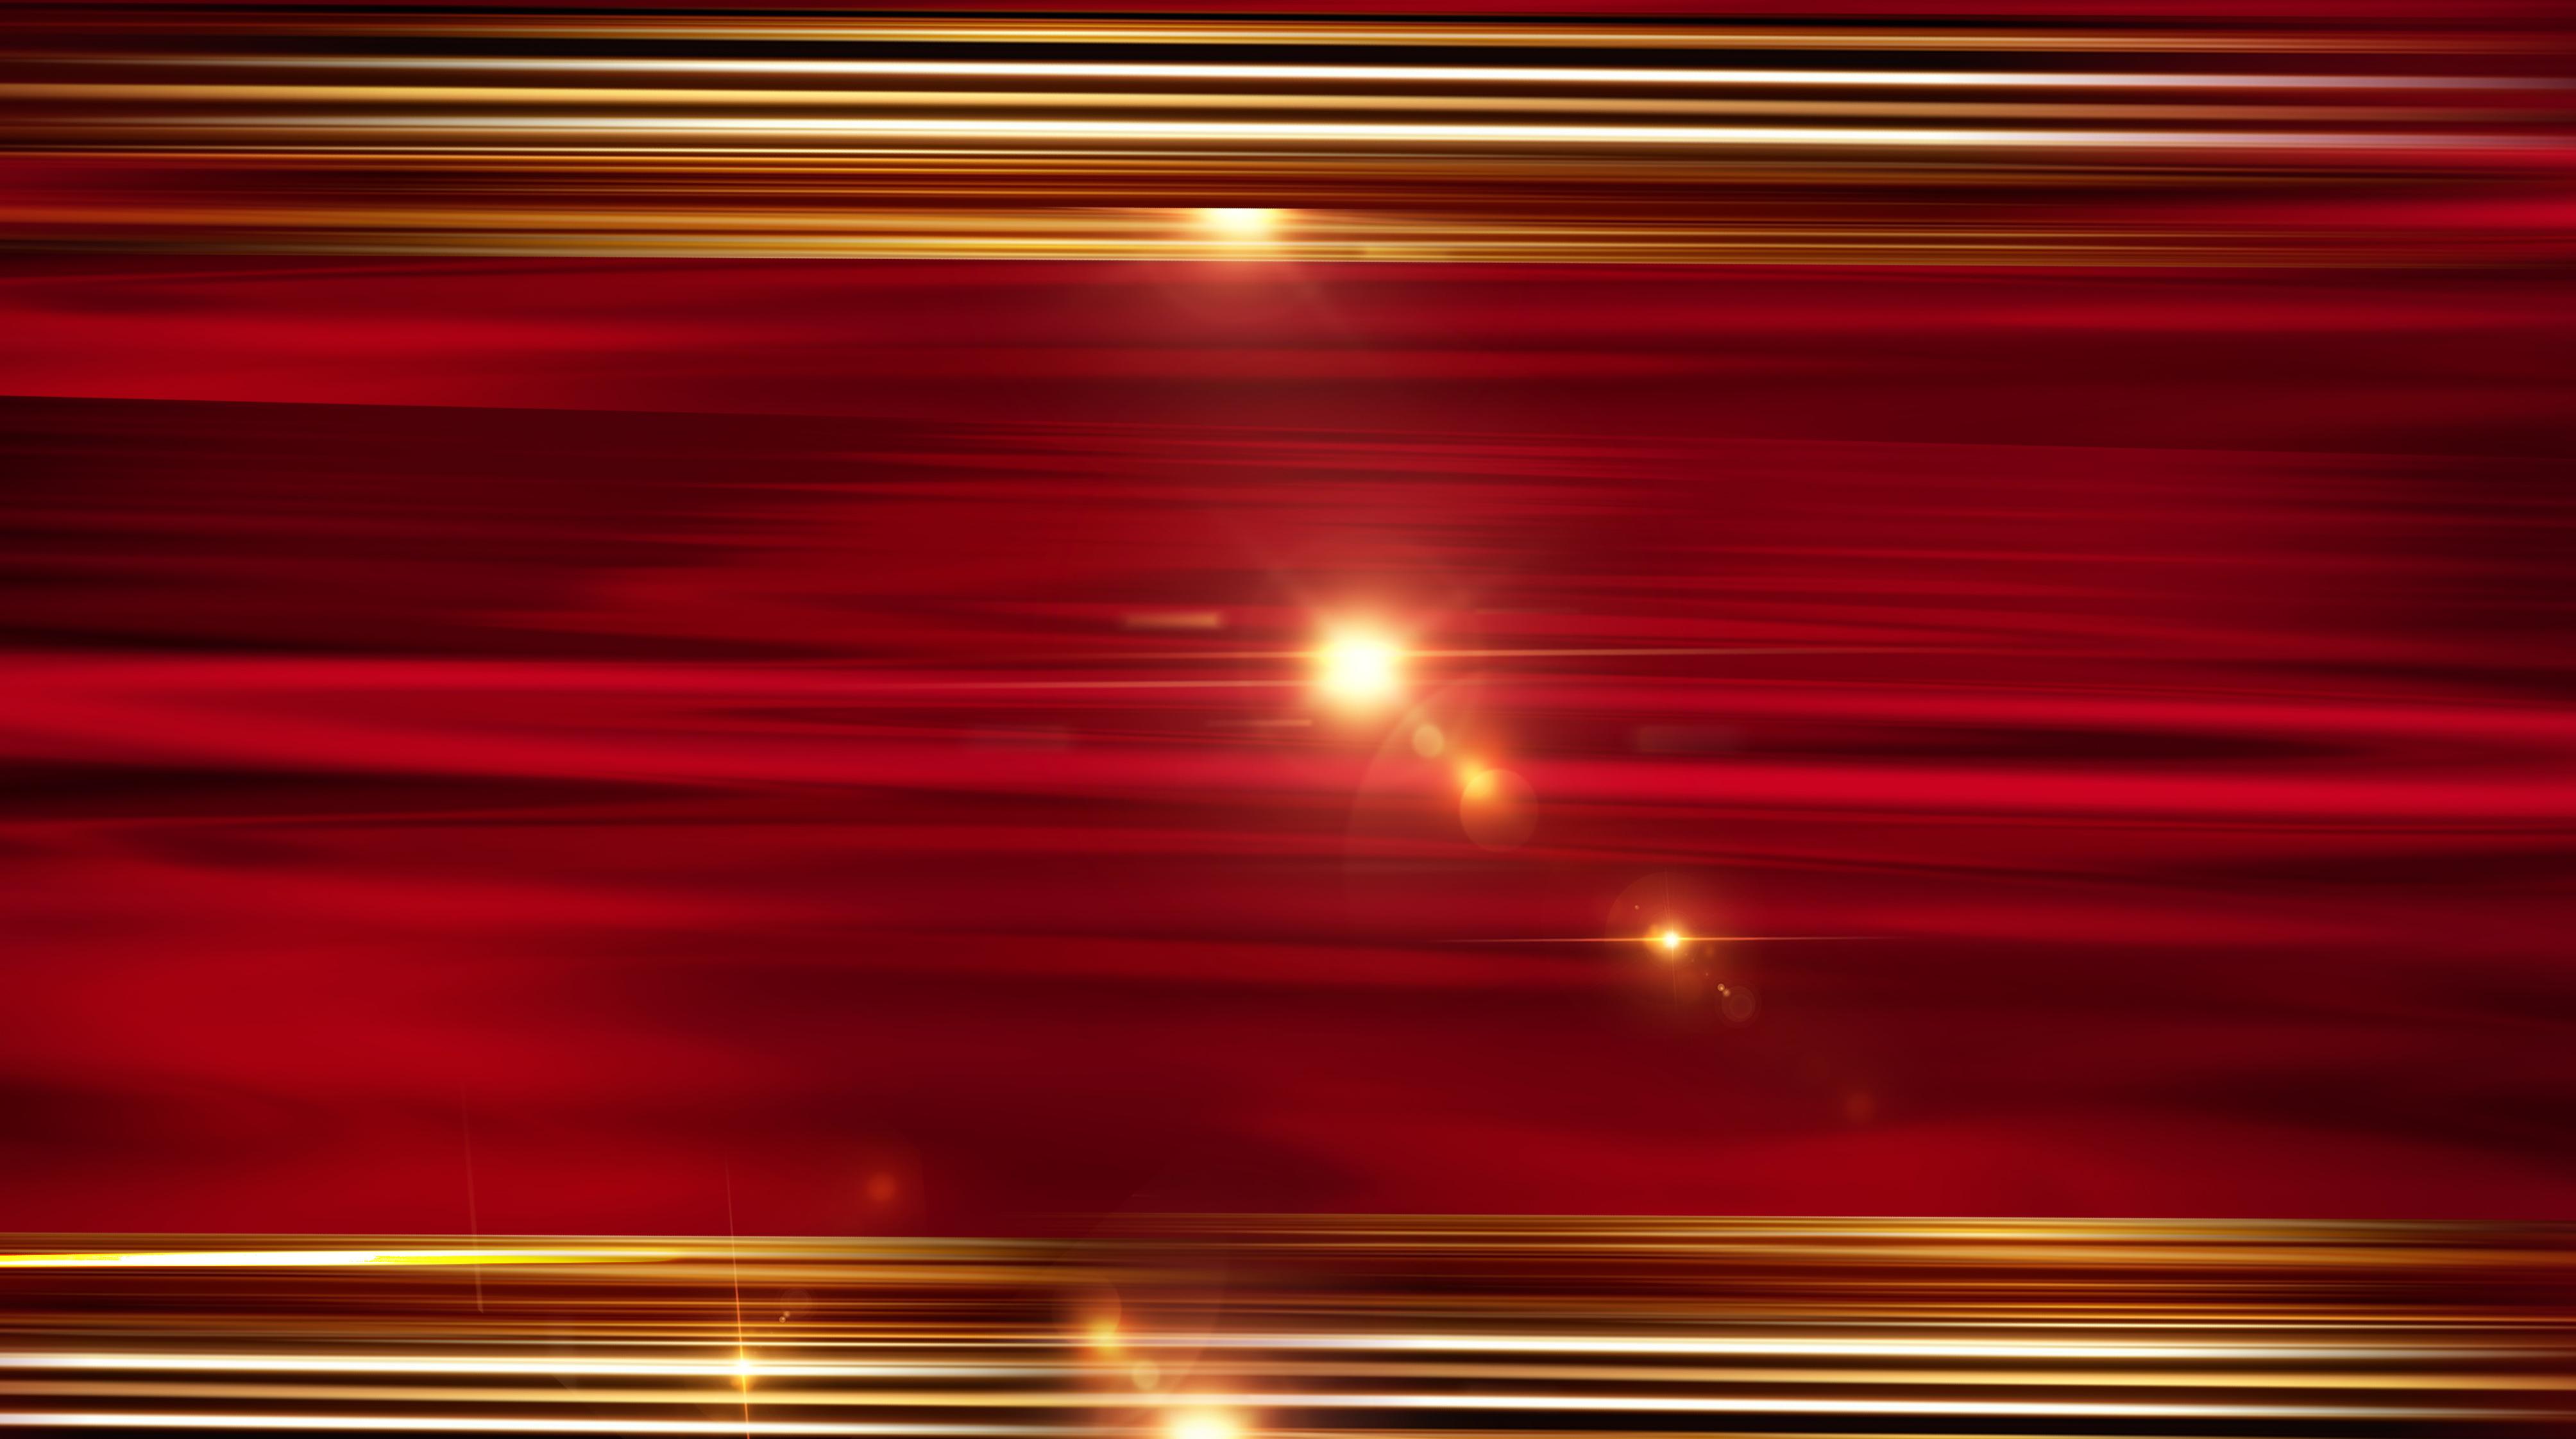 rojo fondo dorado cinta roja gilt china rojo imagen de